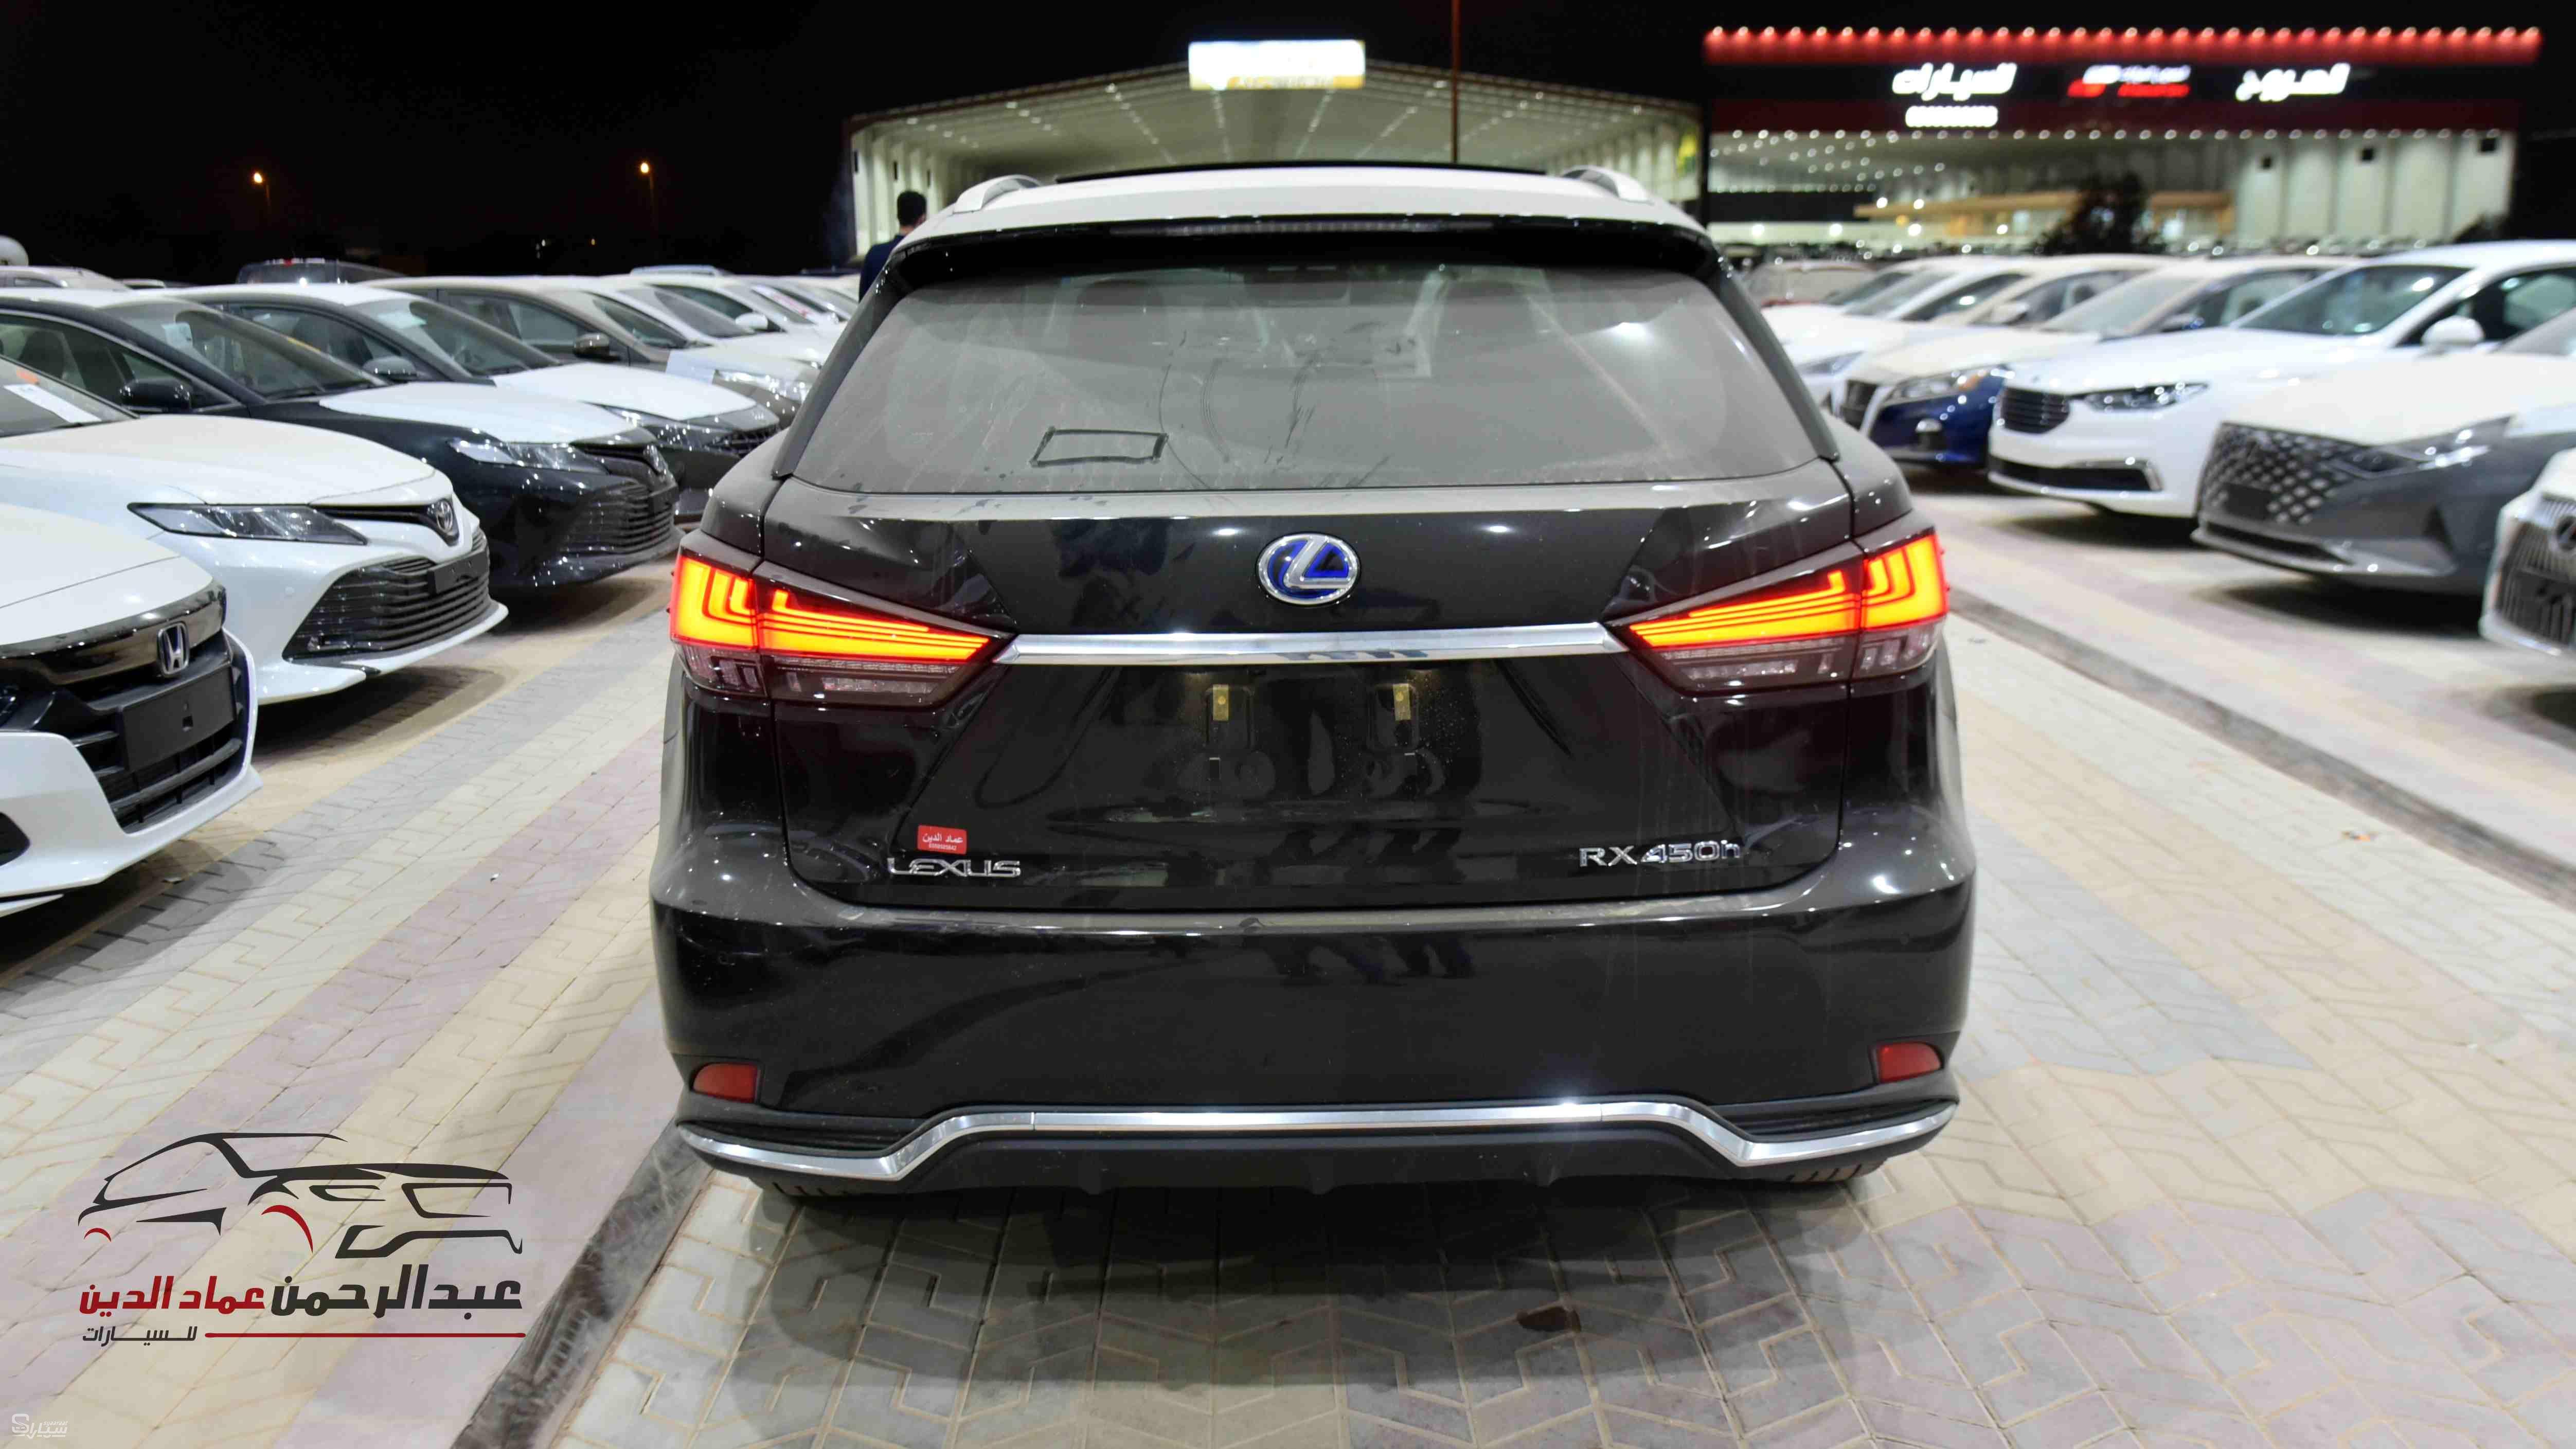 لكزس RX 450 H سعودي 2021